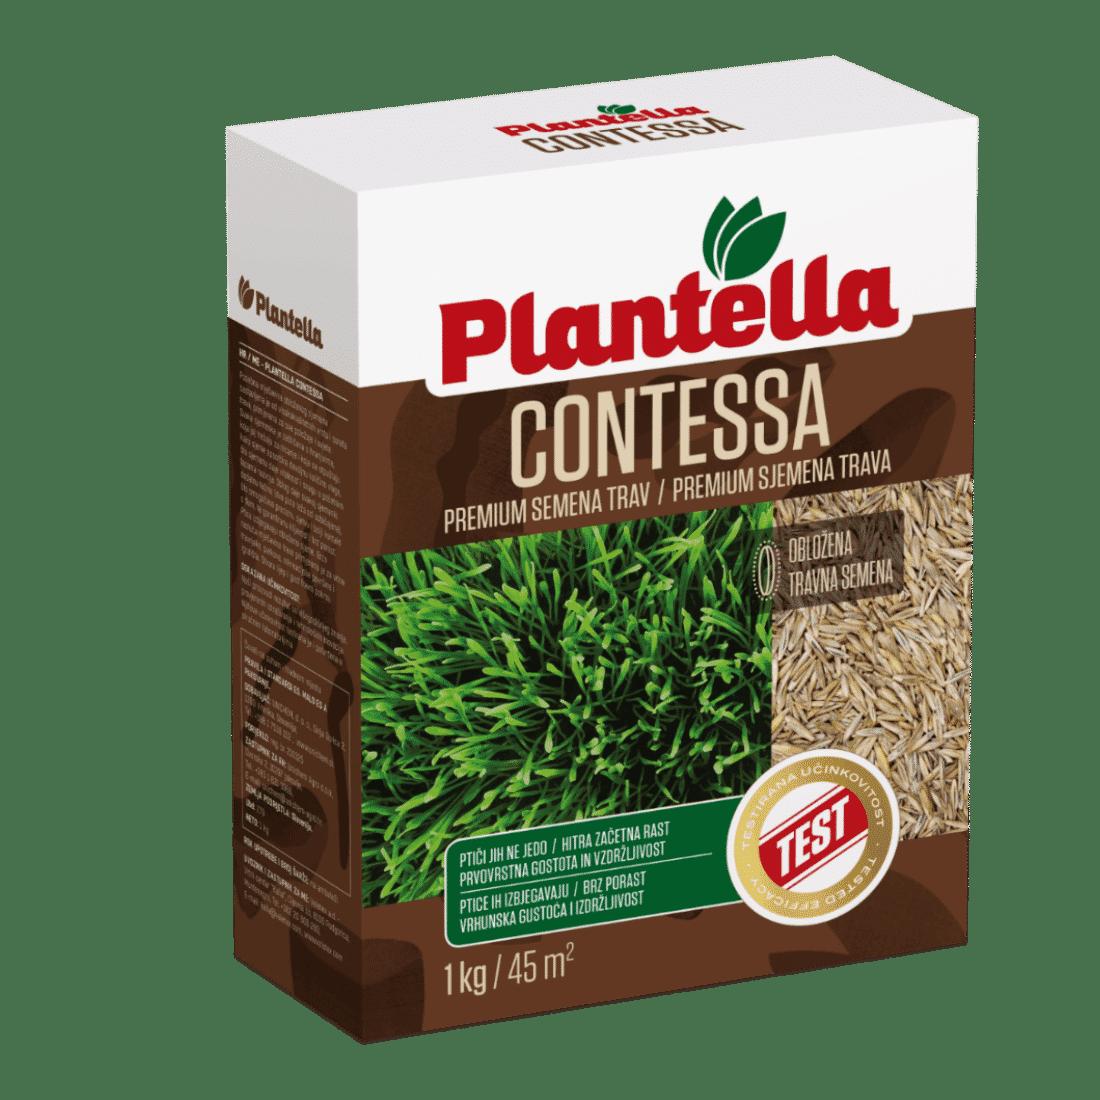 Plantella_Travna-semena-Contessa_1kg_SI-HR